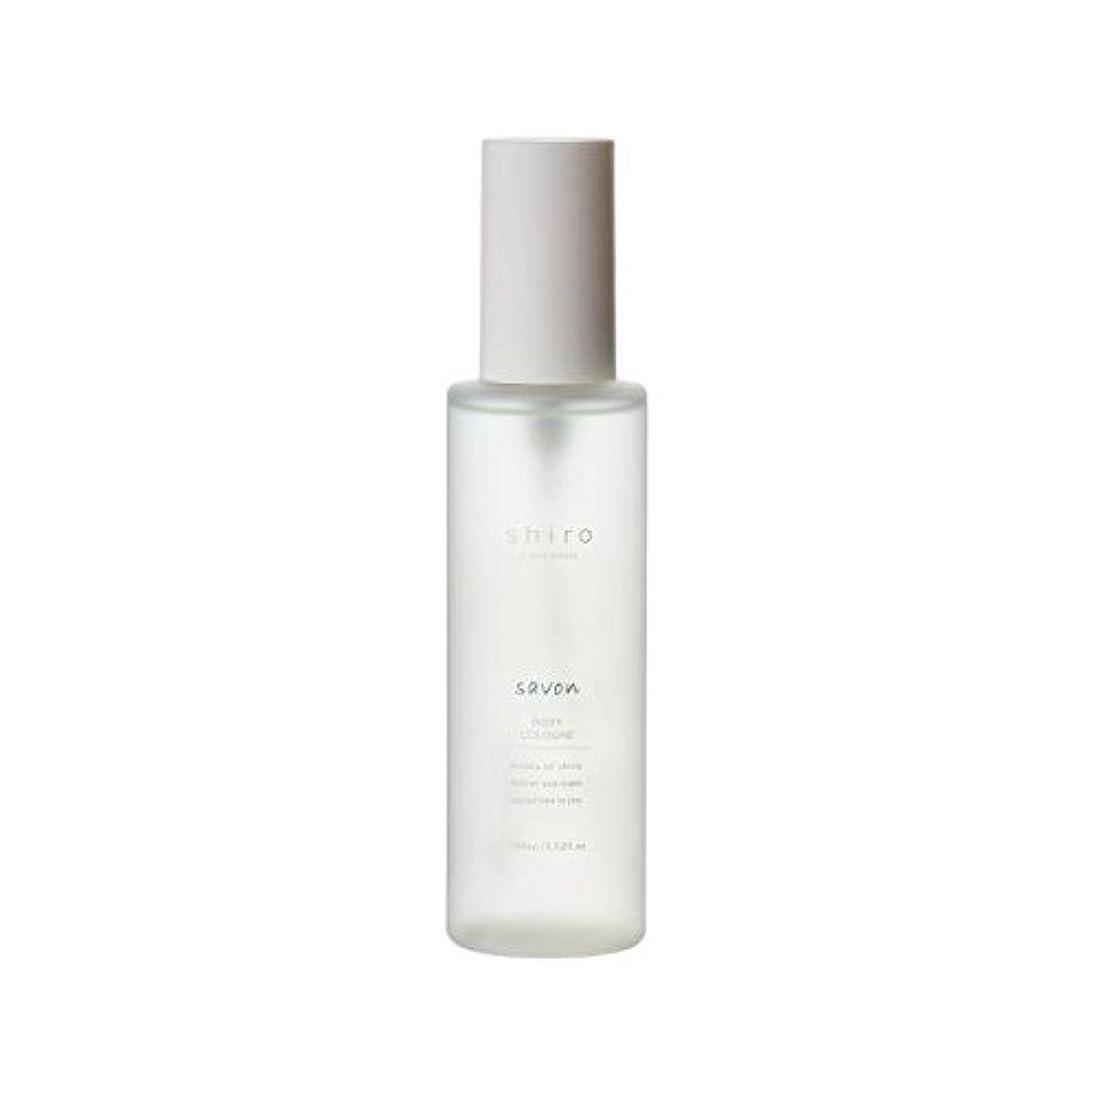 つかいます肺ブラインドshiro サボン ボディコロン 100ml 清潔で透明感のある自然な石けんの香り ミスト シロ